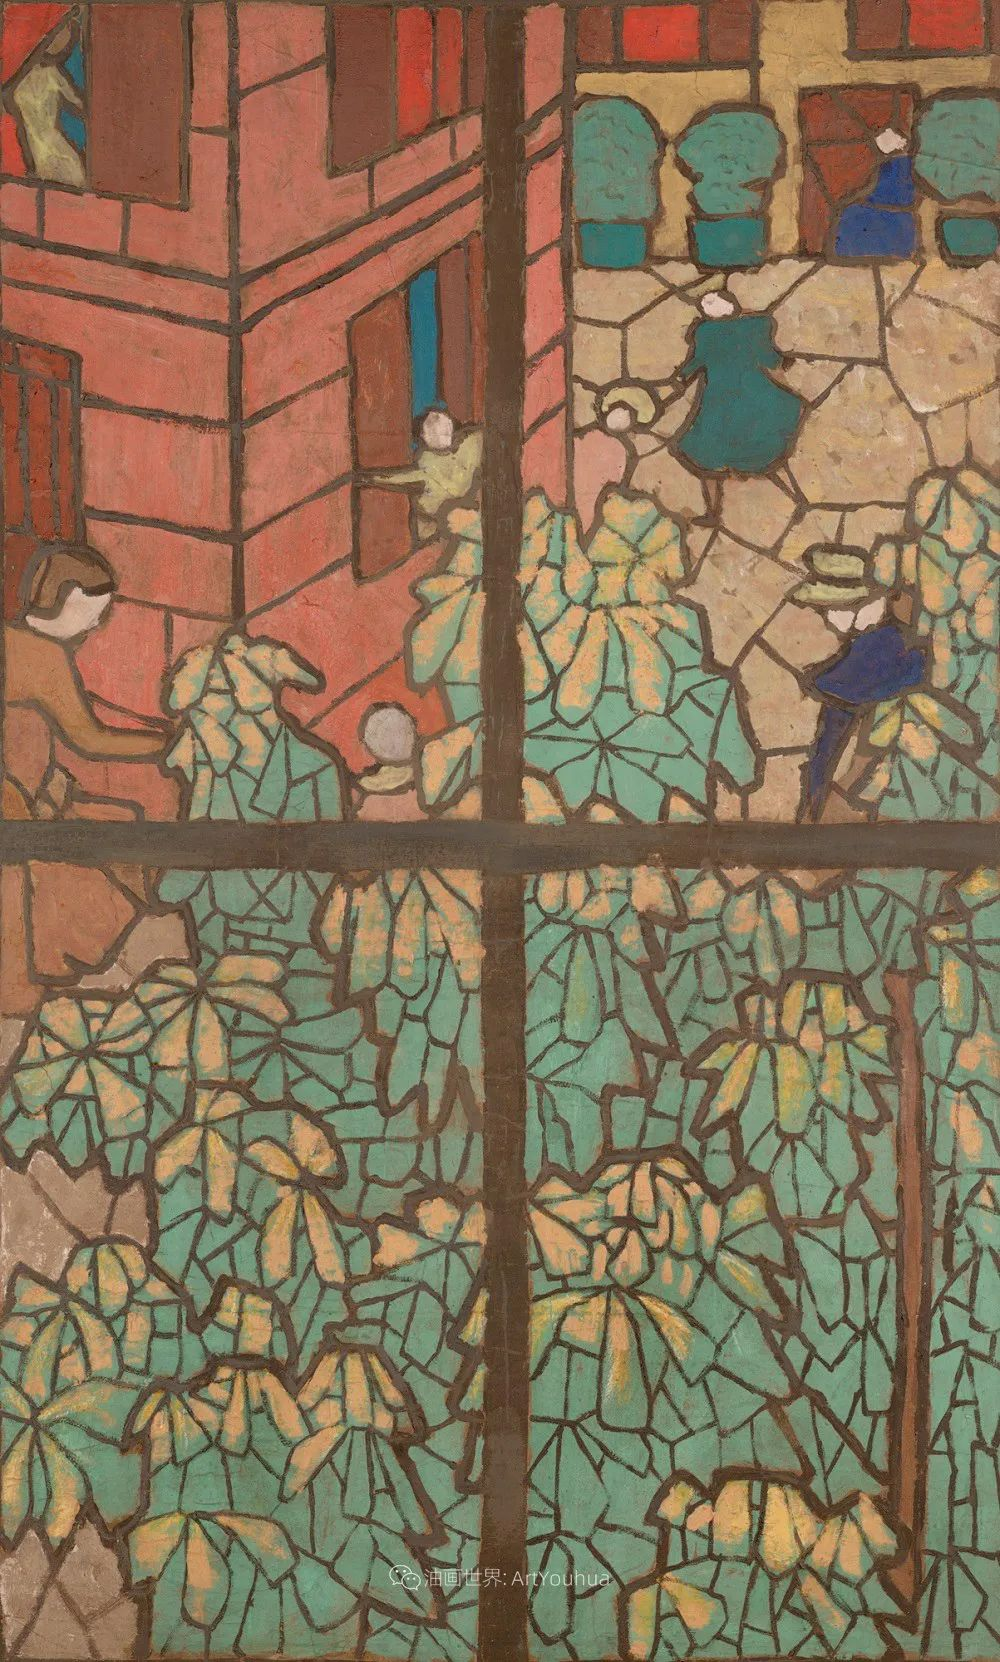 内景主义创始人,法国画家爱德华·维亚尔插图75